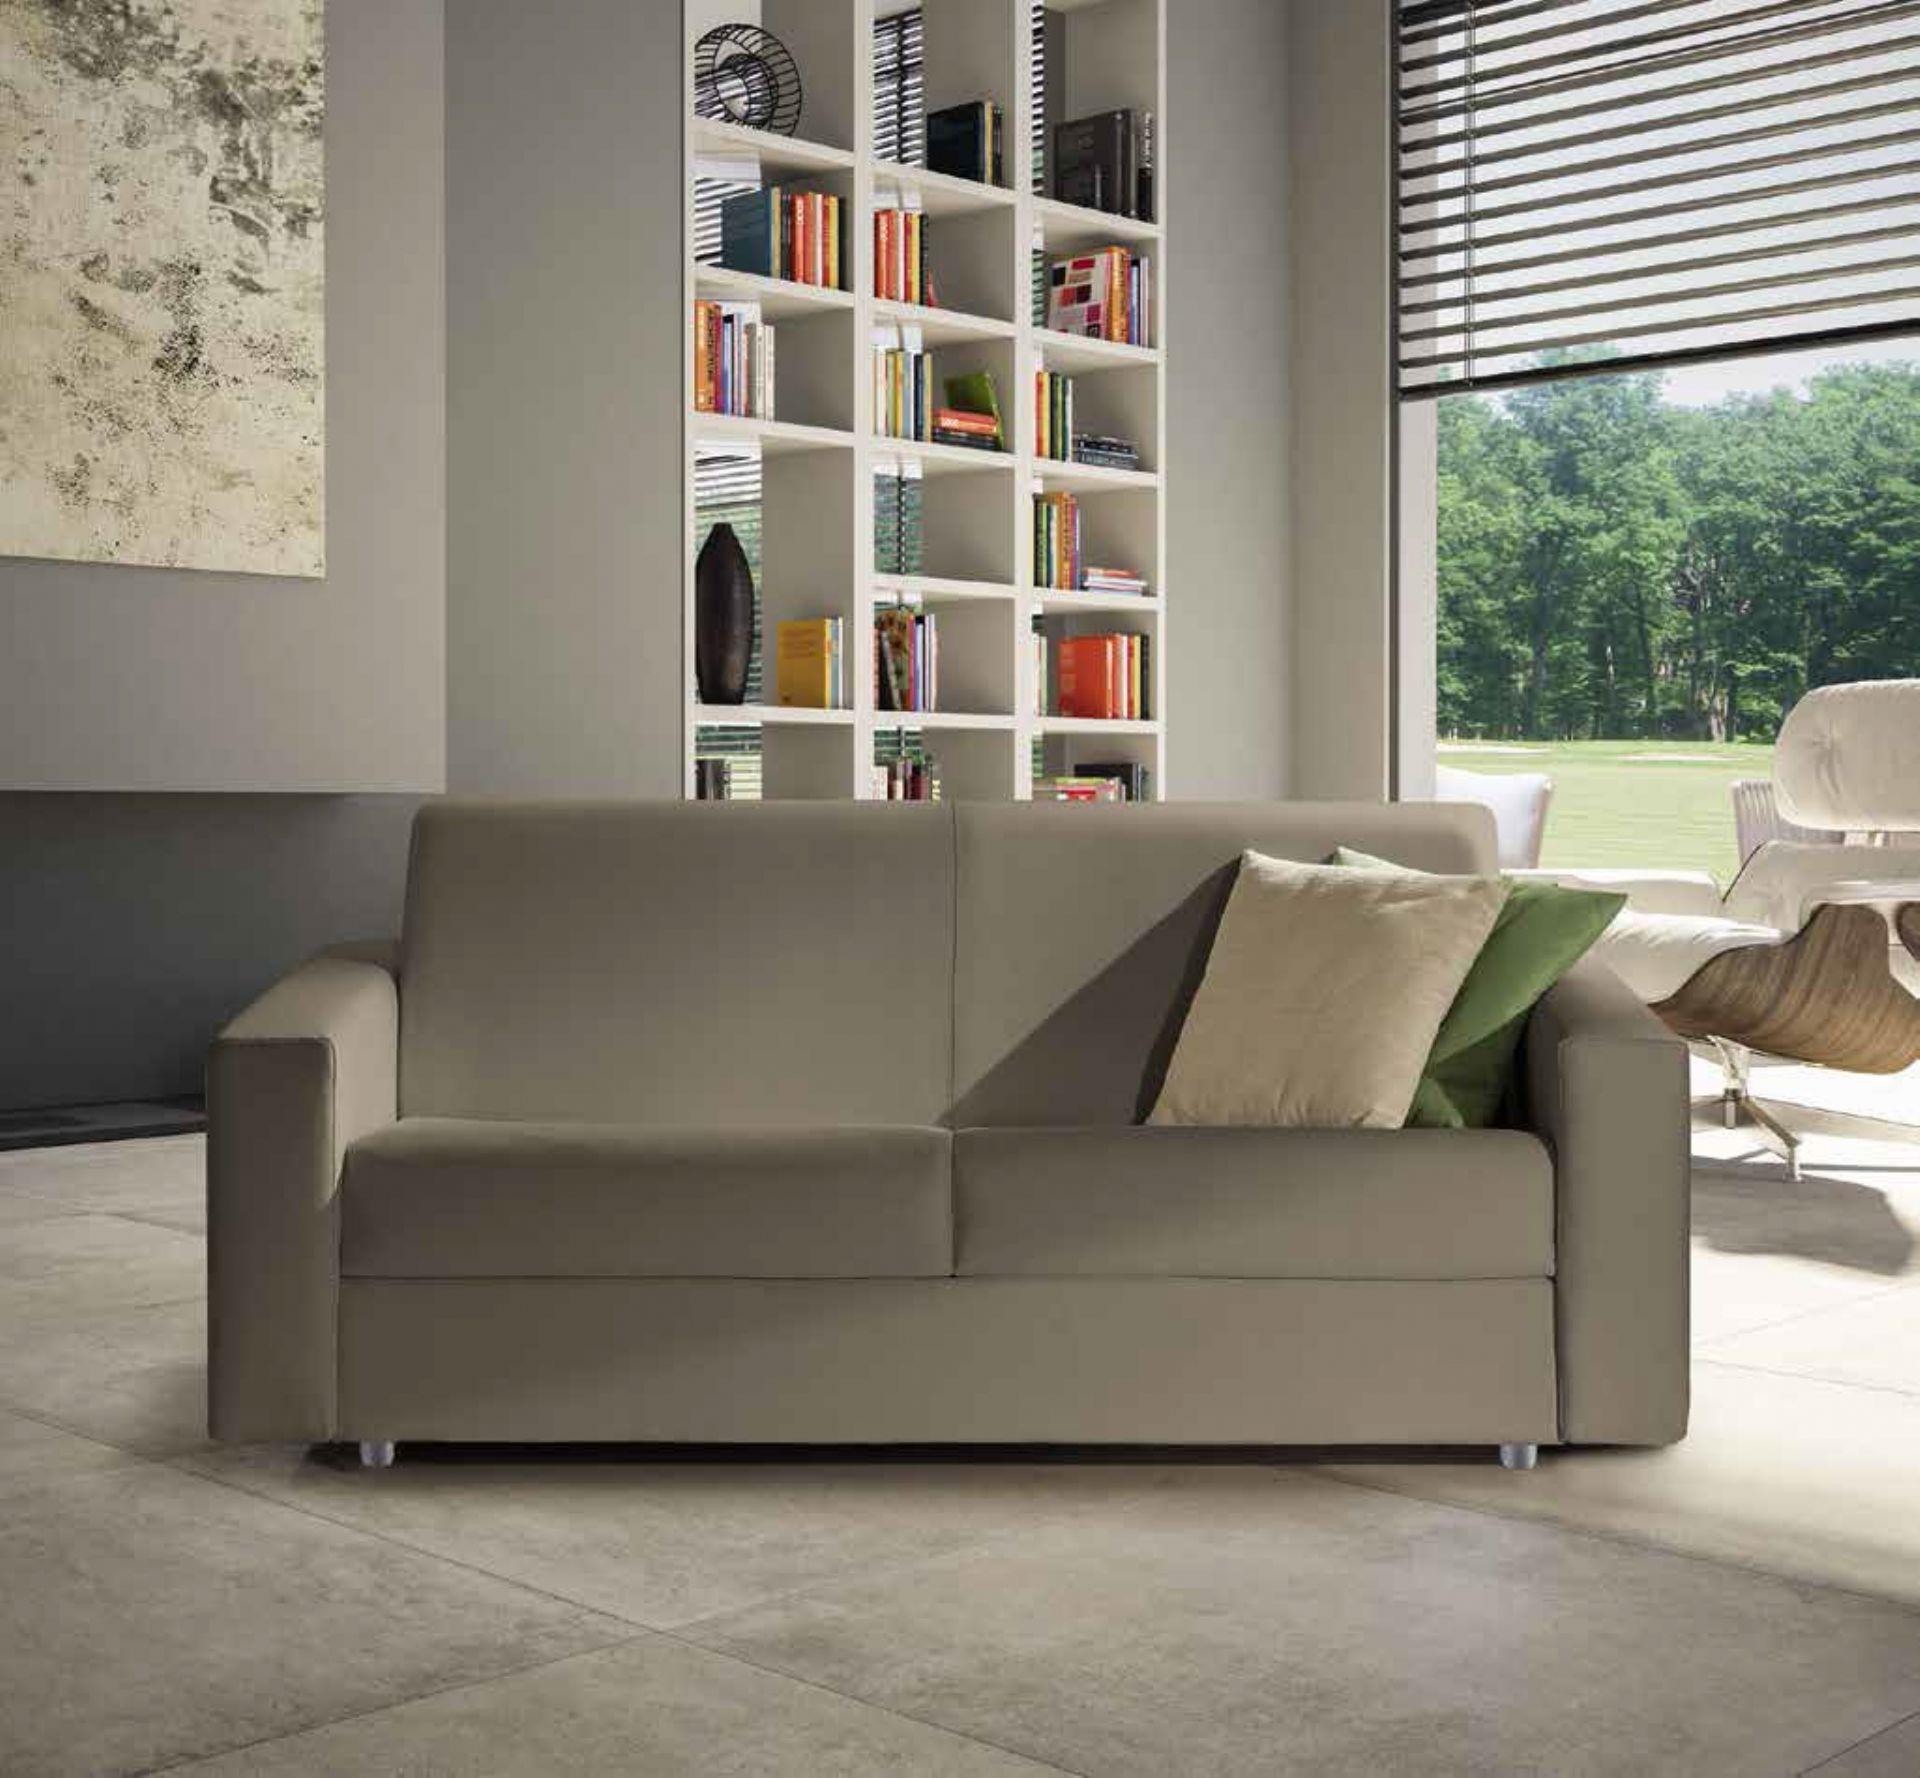 Divano letto alice 3 posti in tessuto divani a prezzi - Divano 3 posti letto ...